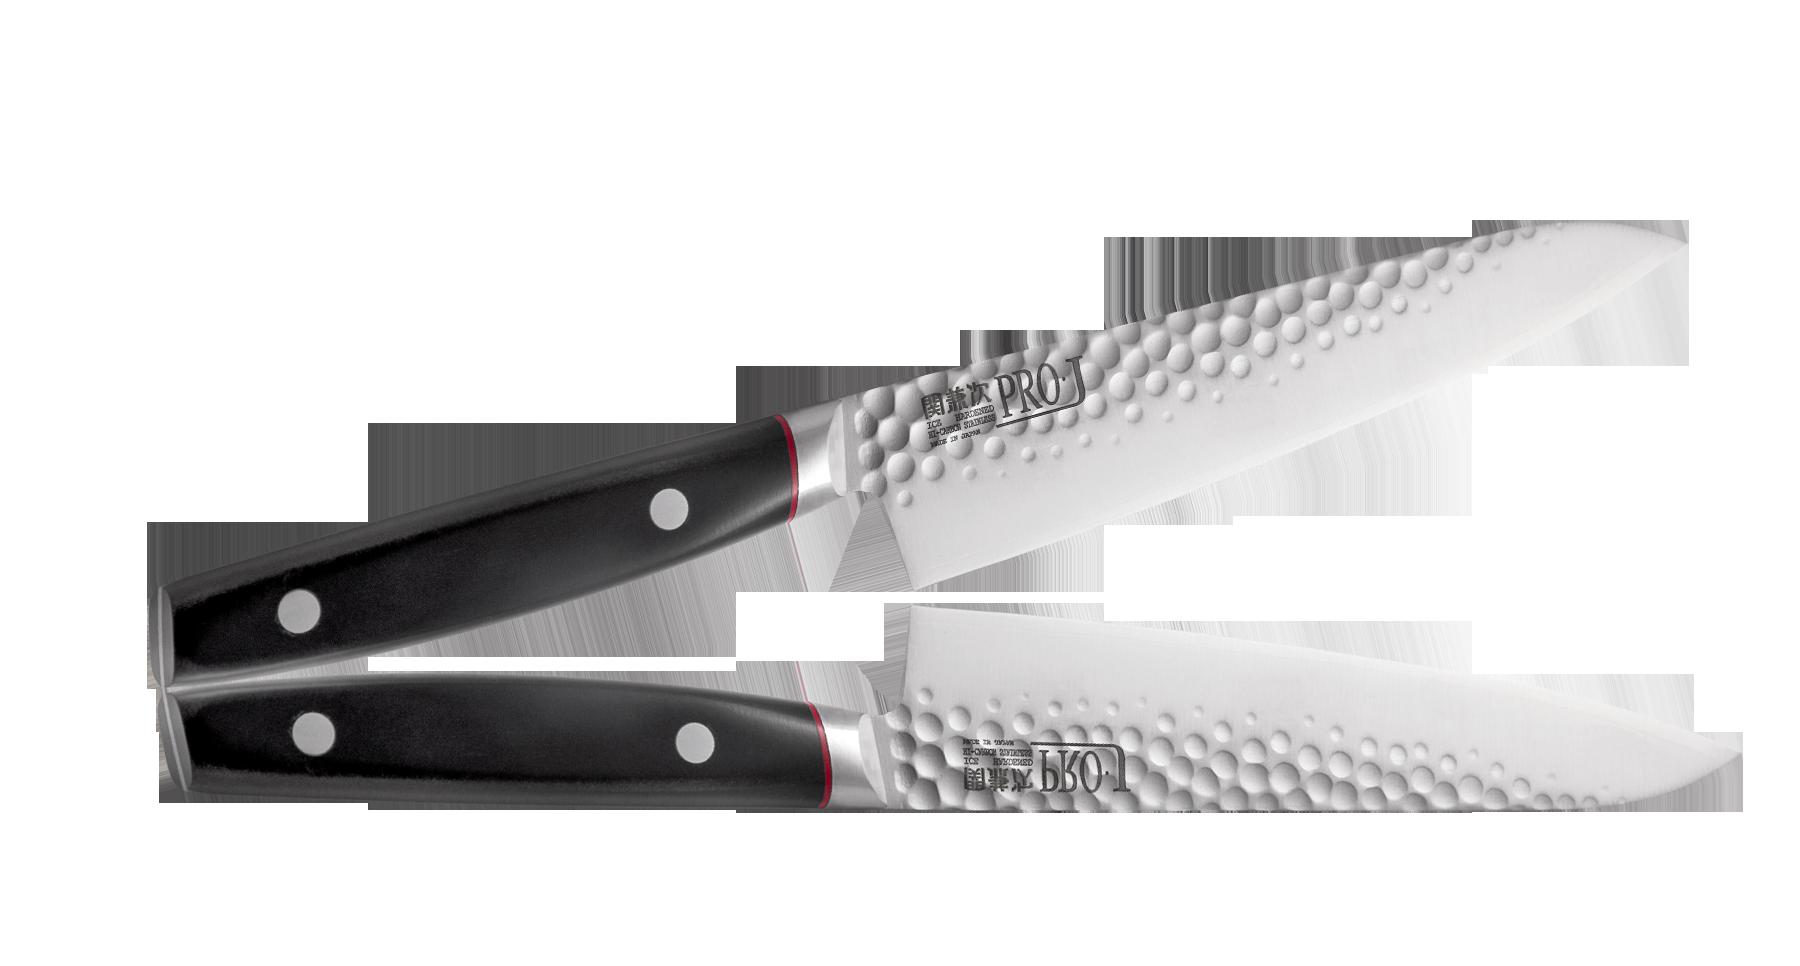 Нож Универсальный Kanetsugu Pro-J 150 мм, сталь ZA-18 от Tojiro